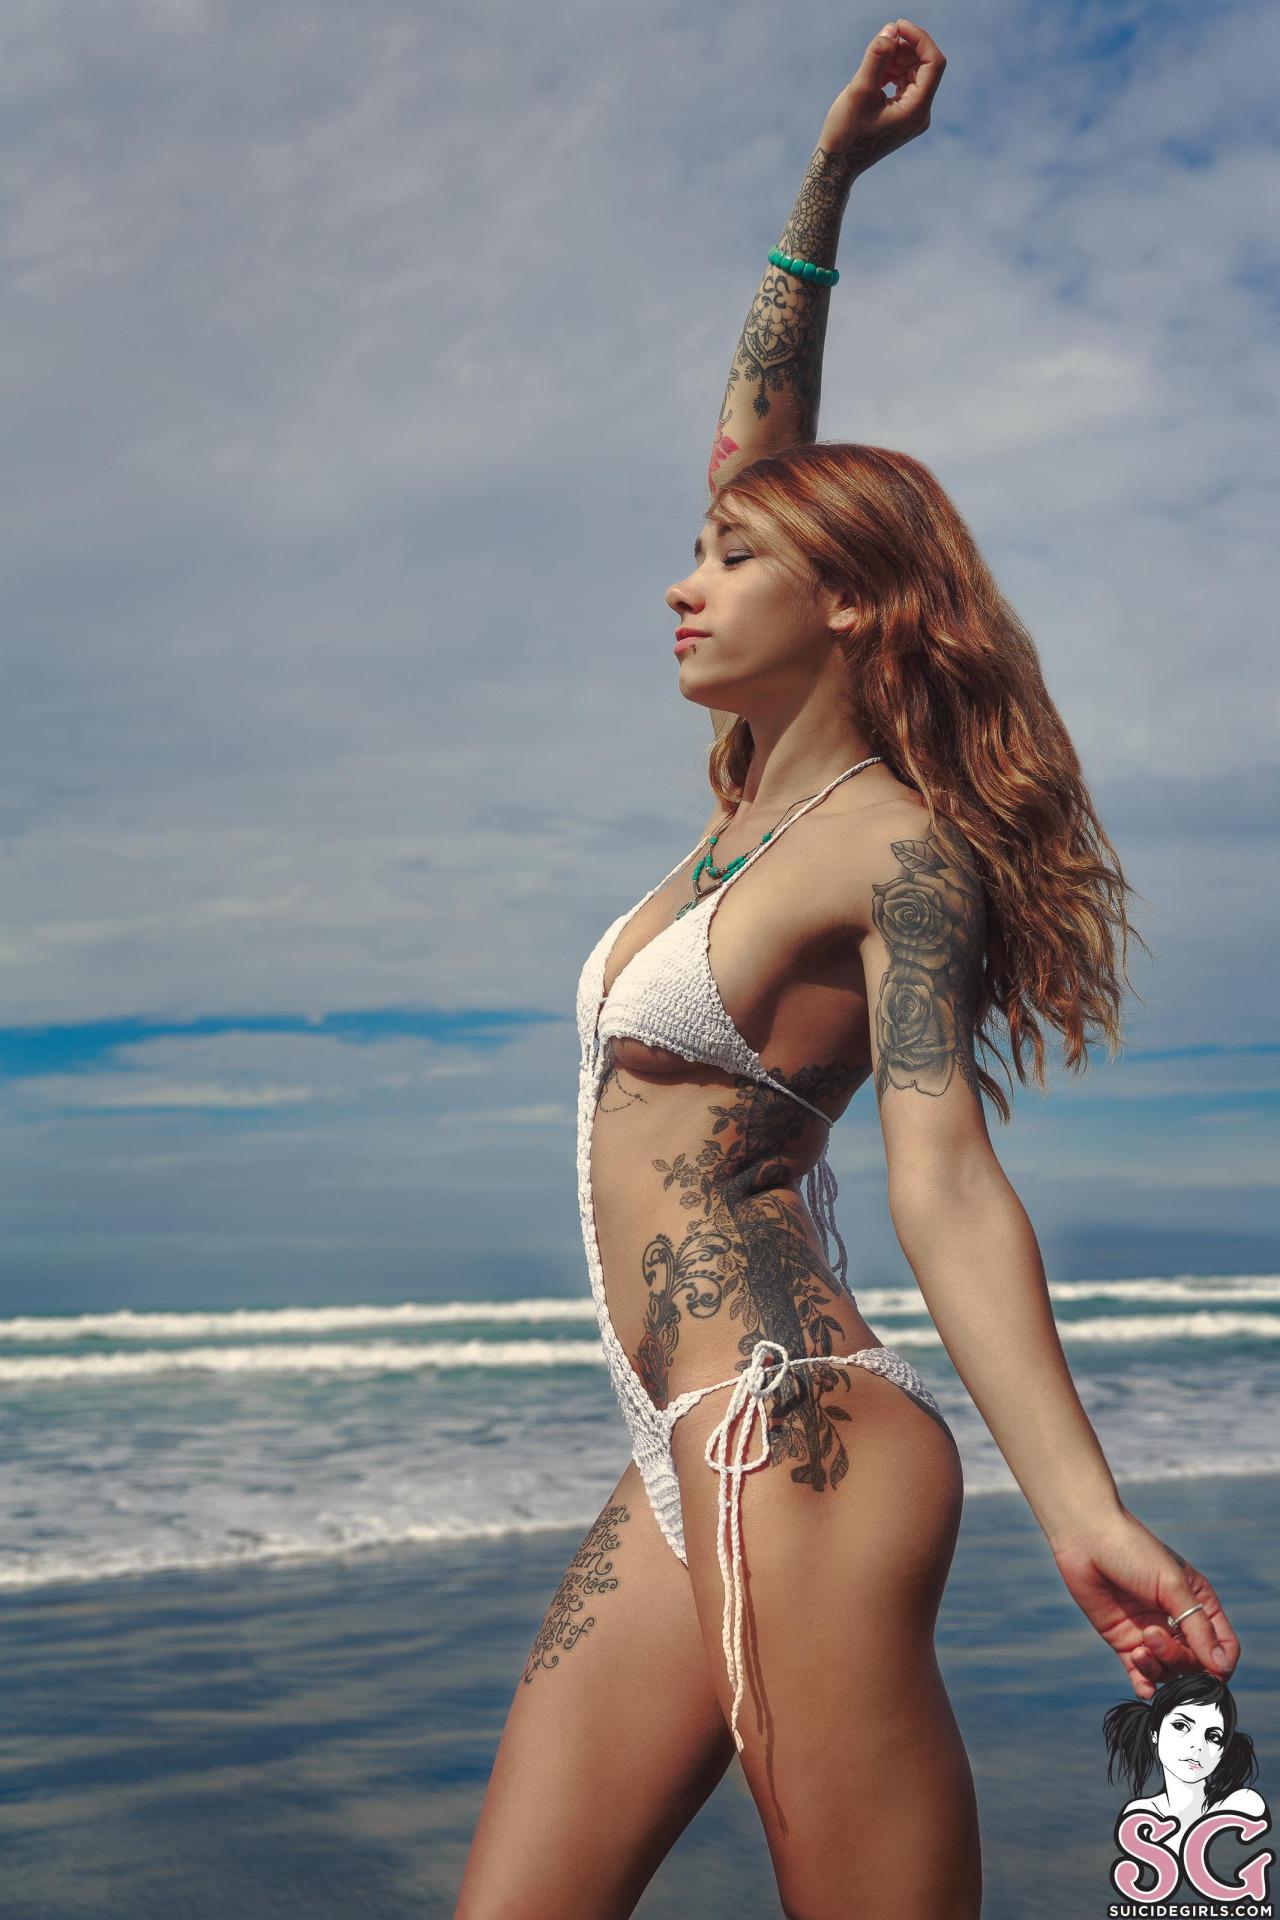 Lillian rose nude